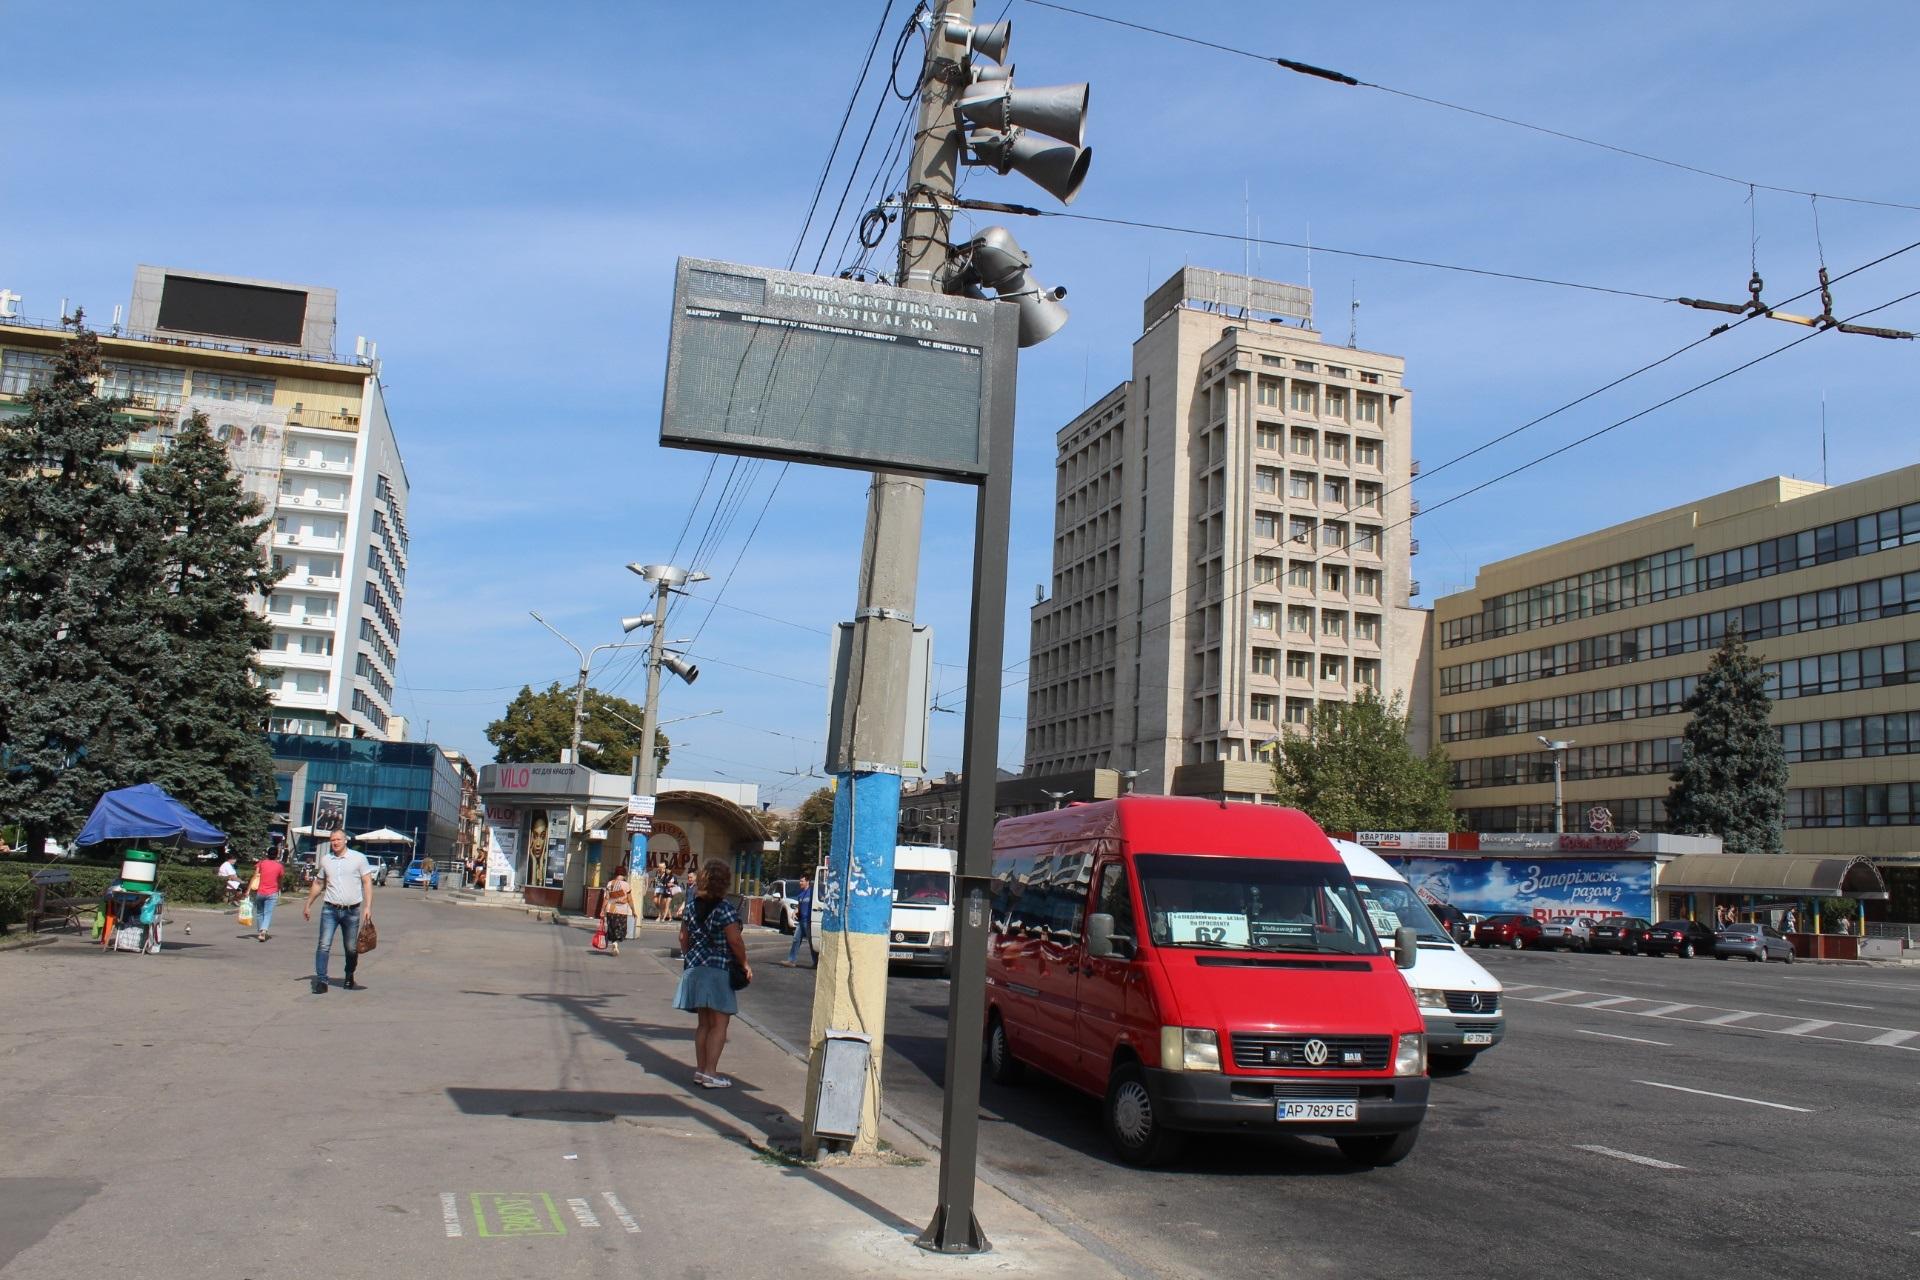 В Запорожье на площади Фестивальной появились электронные табло для общественного транспорта - ФОТО